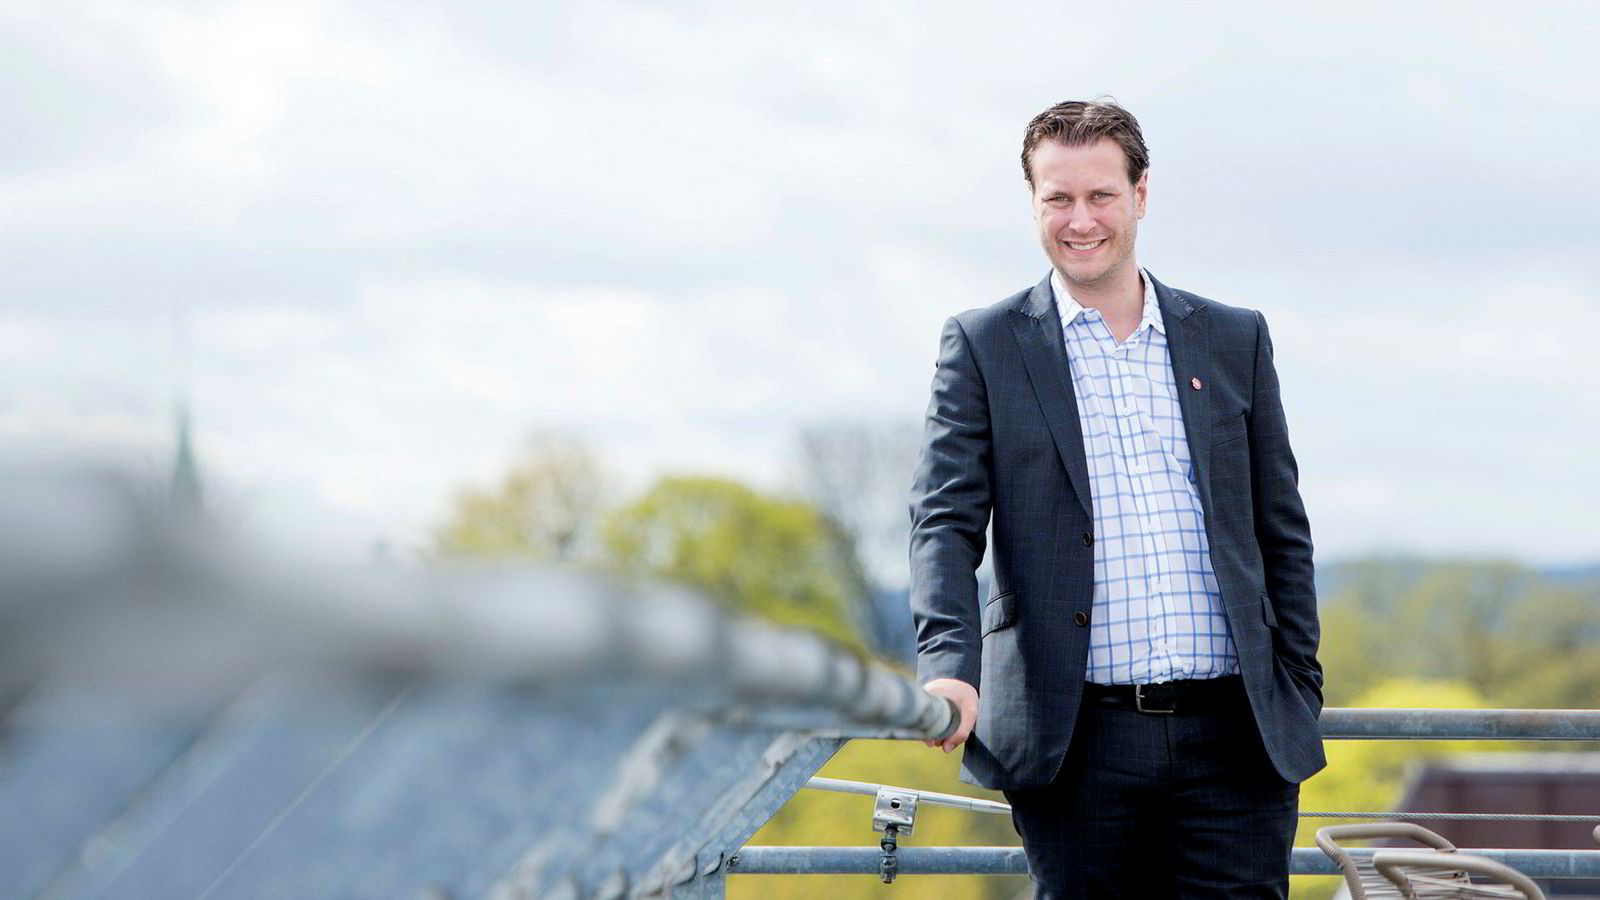 Frps stortingsrepresentant Helge Andre Njåstad er sterk motstander av eiendomsskatten.